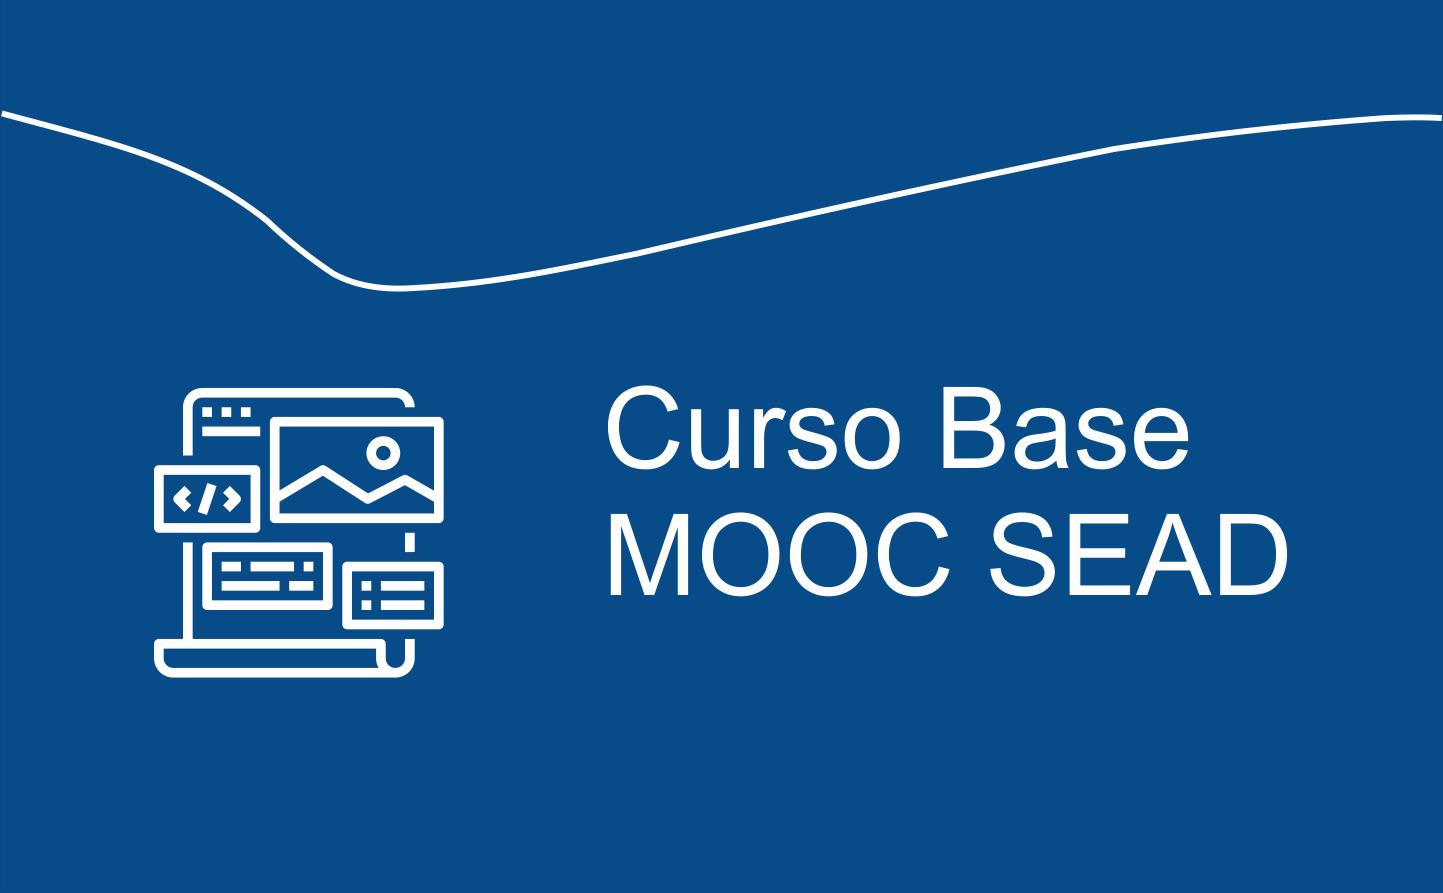 Curso Base MOOC SEAD